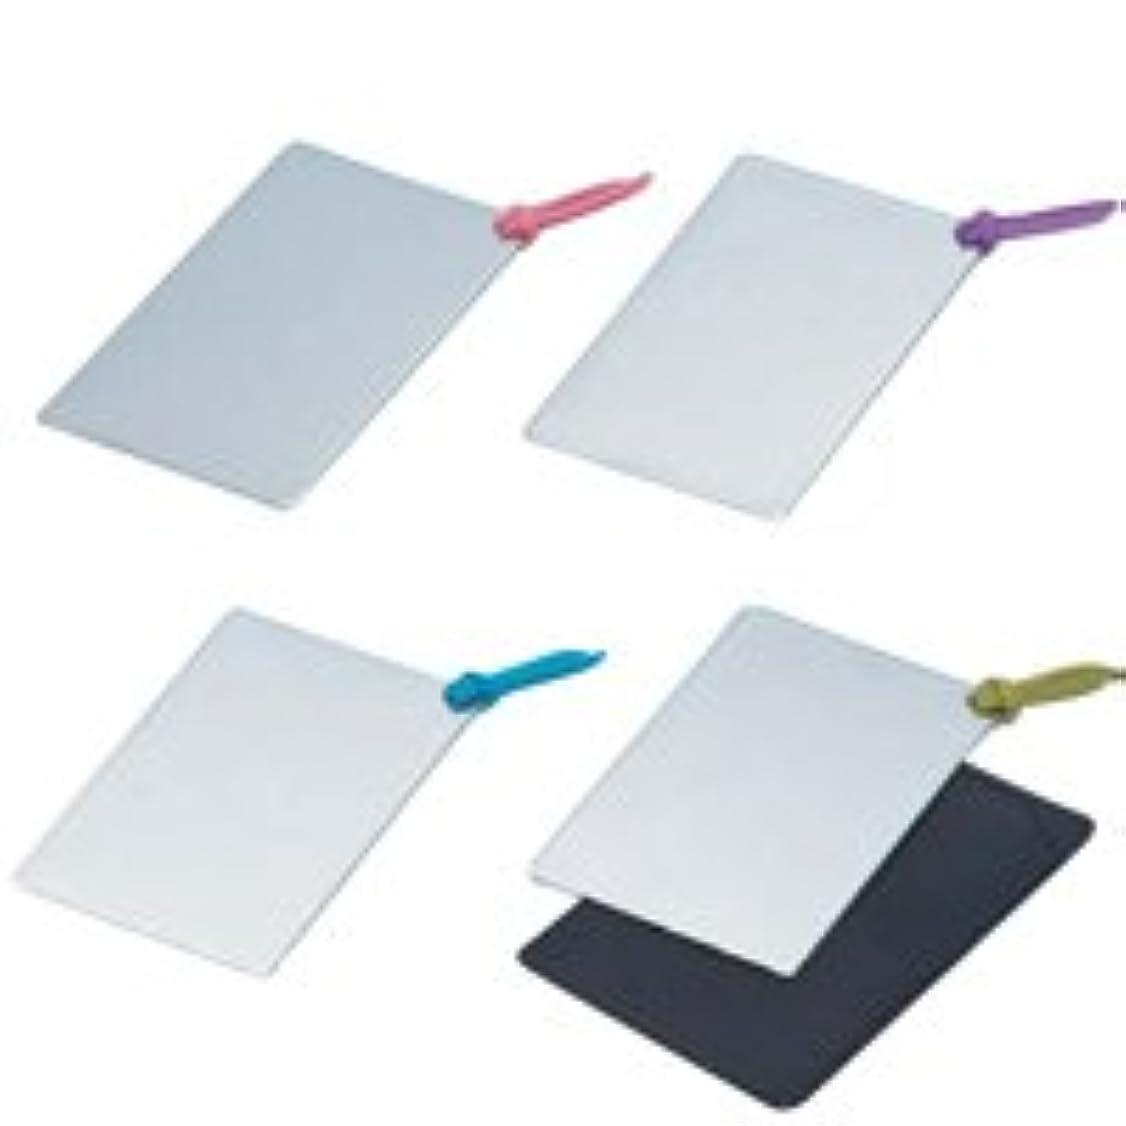 整理する広げる全体にステンレス カードミラー 角型 安全 割れない 鏡 [ミラー] SC-01 堀内鏡工業【※このページは「ブルー」のみの販売です】ブルー